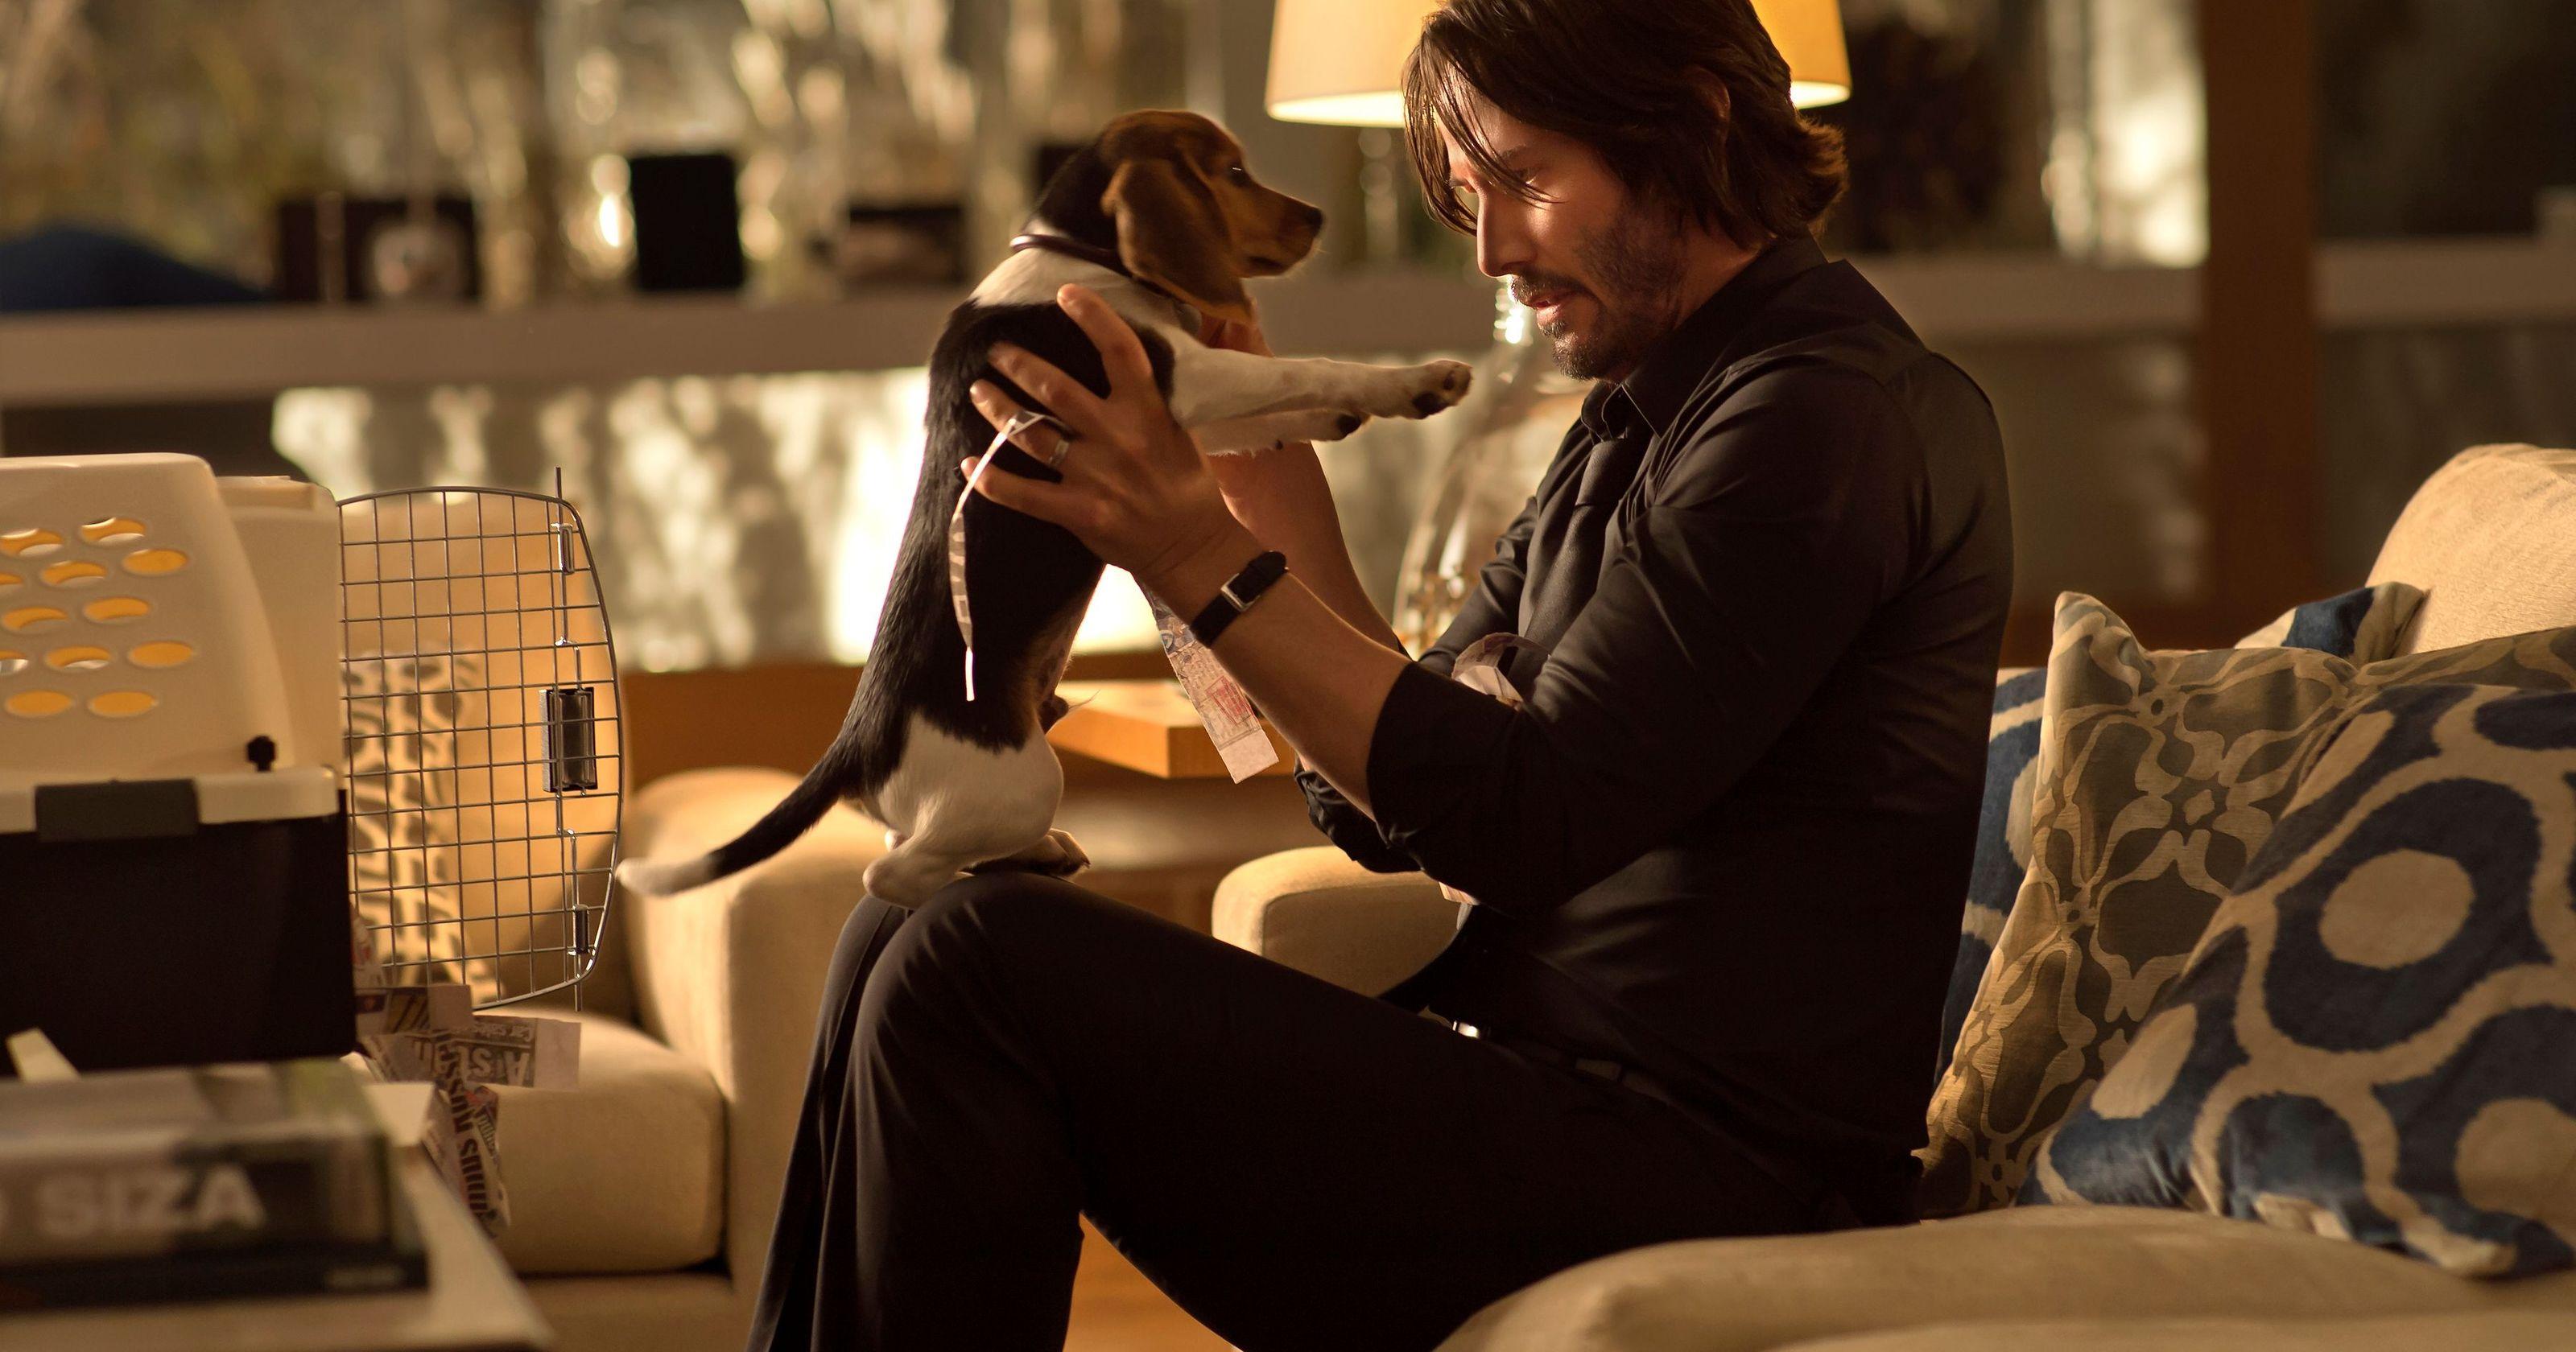 John Wick - reżyser musiał przekonać studio do... uśmiercenia psa. Scenarzysta o losie serii